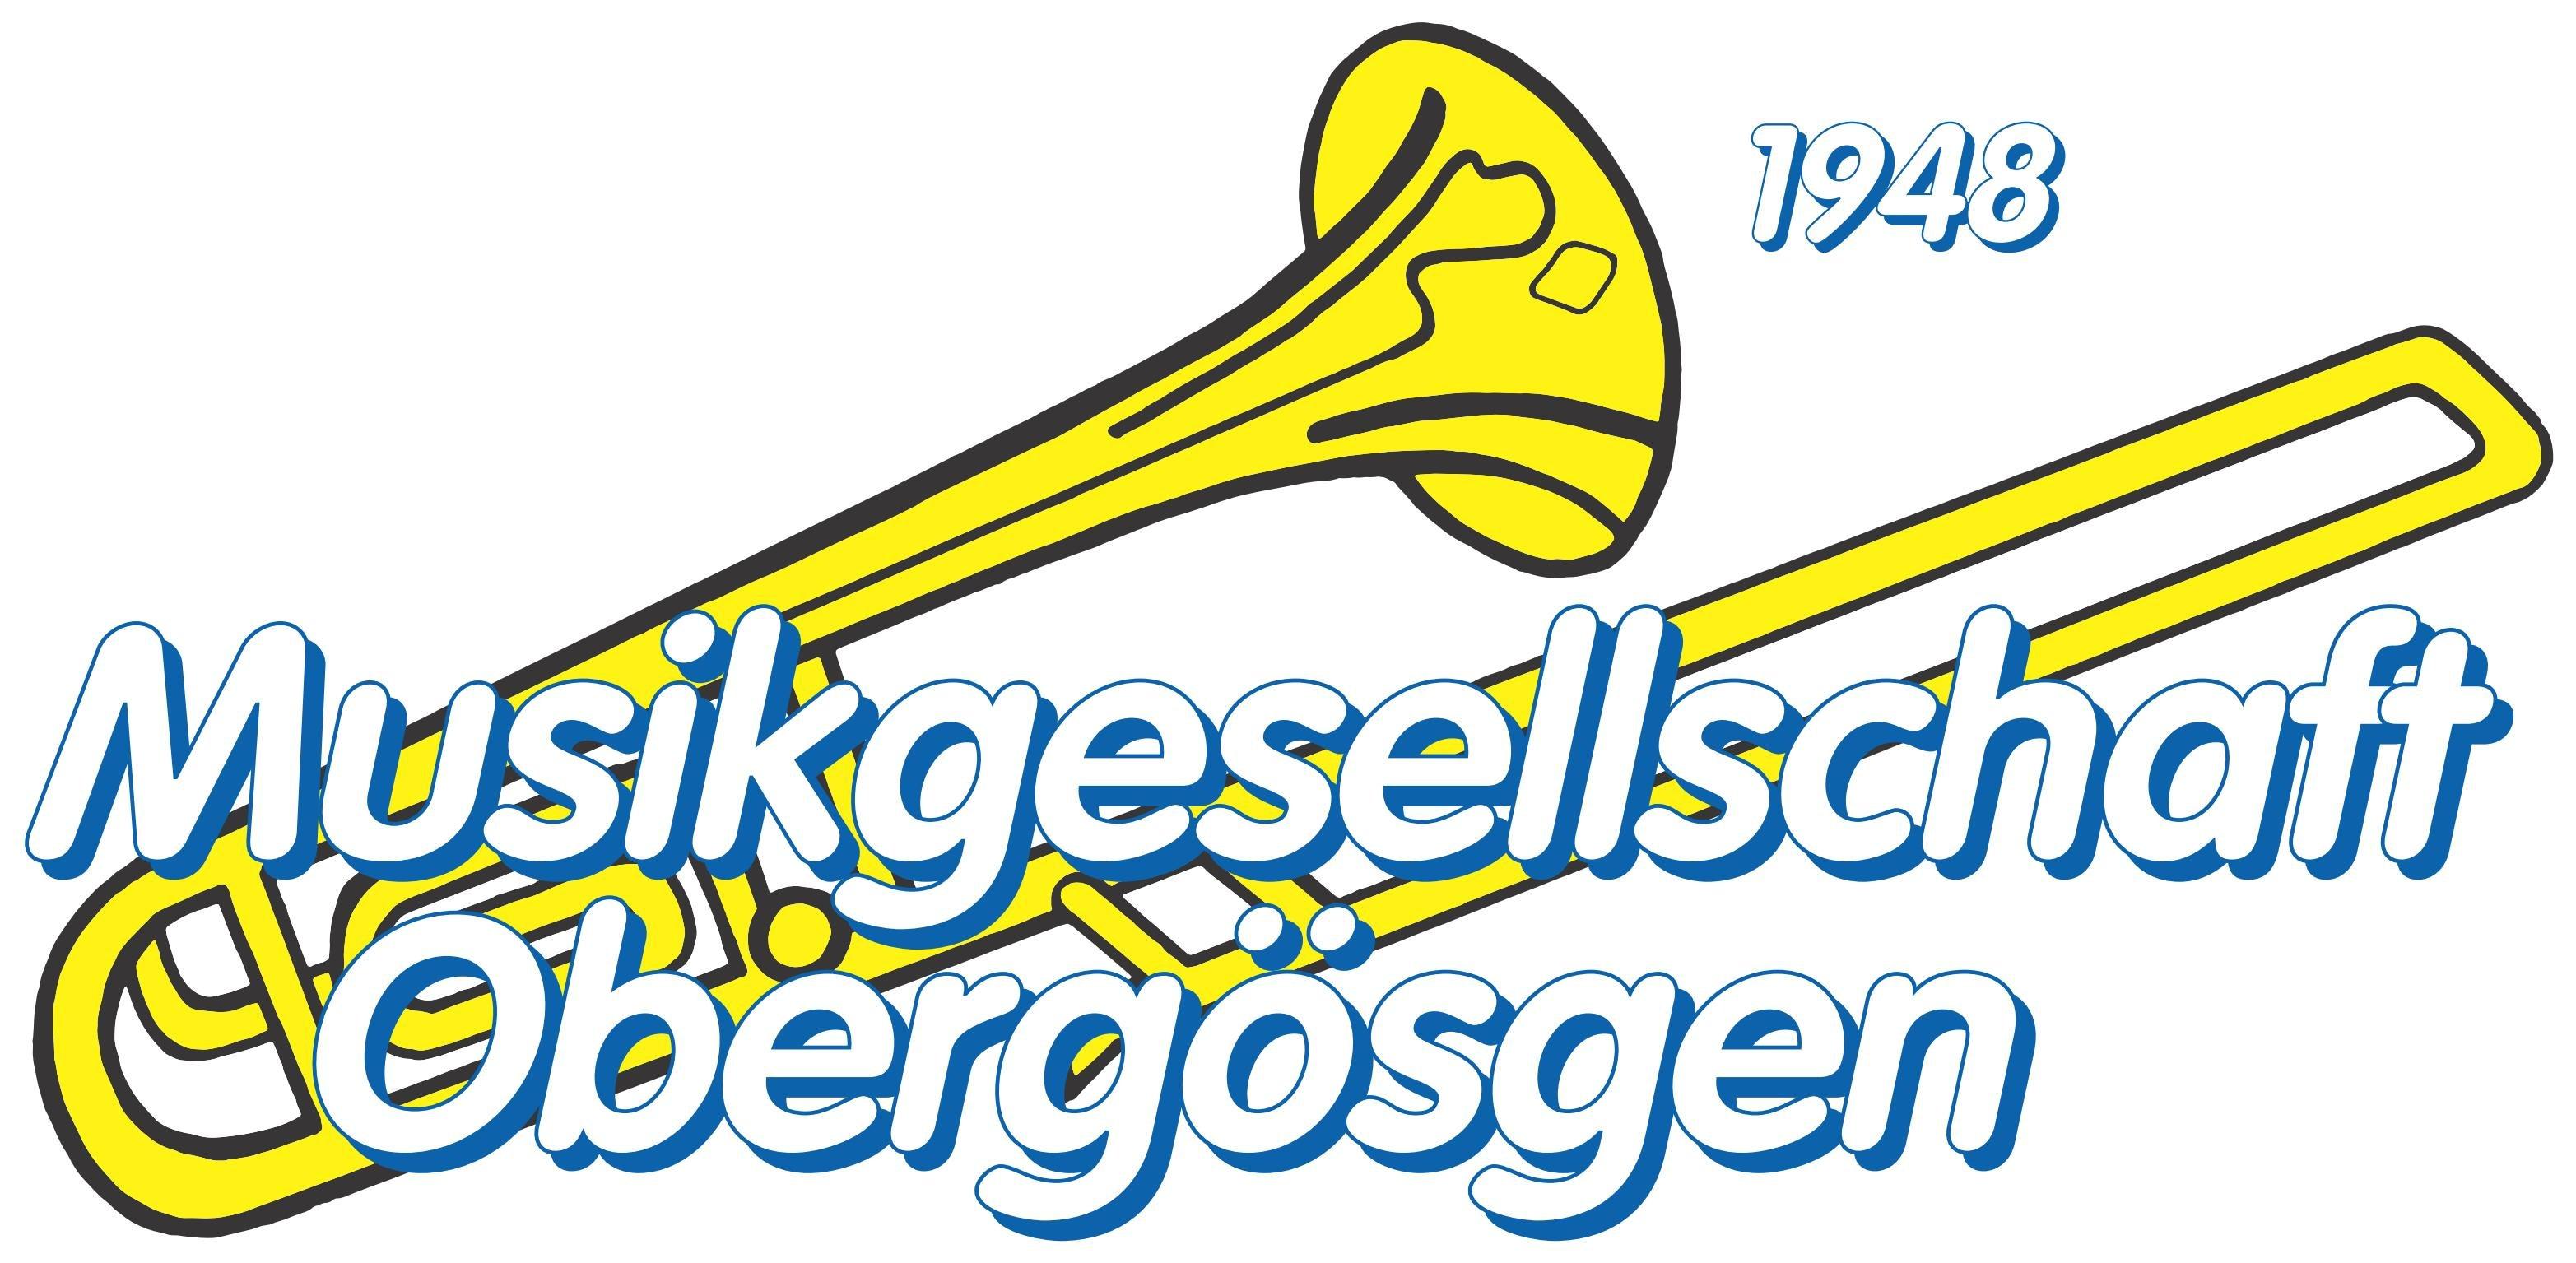 Musikgesellschaft Obergösgen